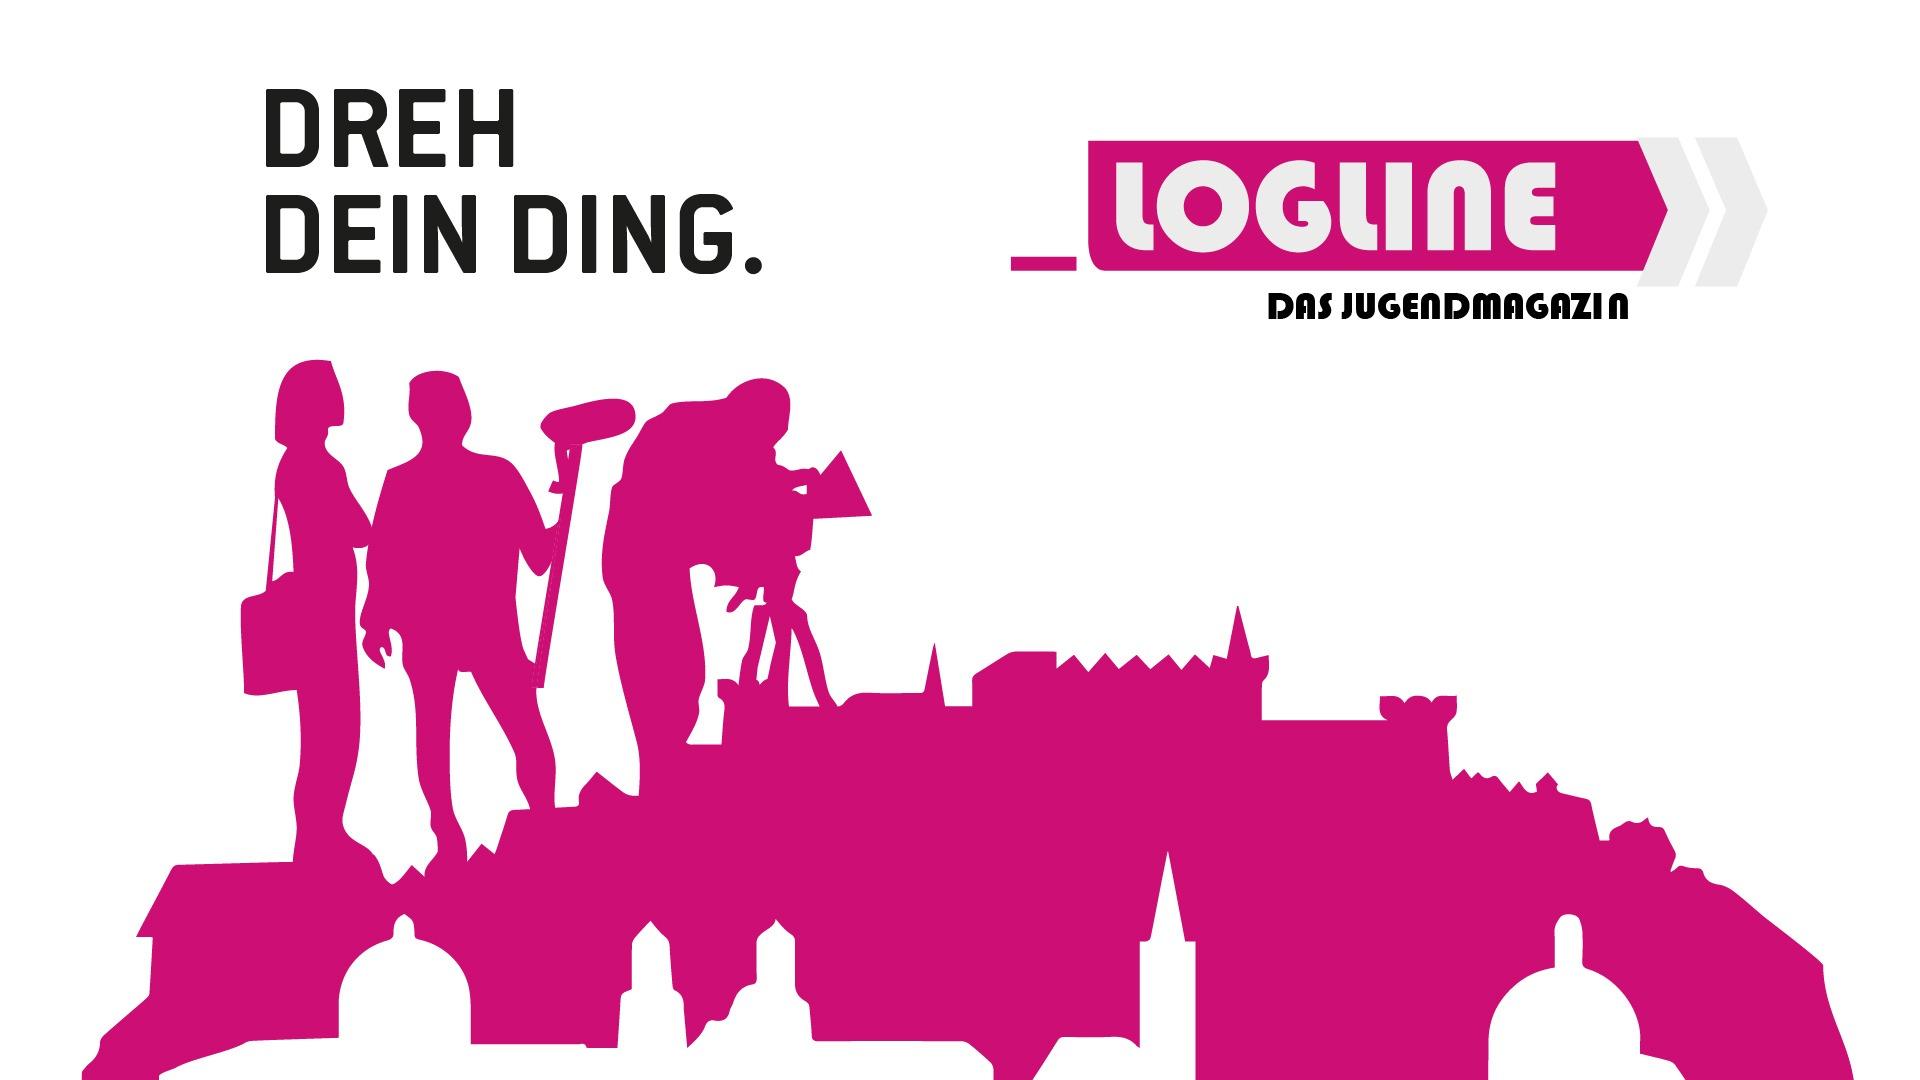 Logline: Das Salzburger Jugendmagazin